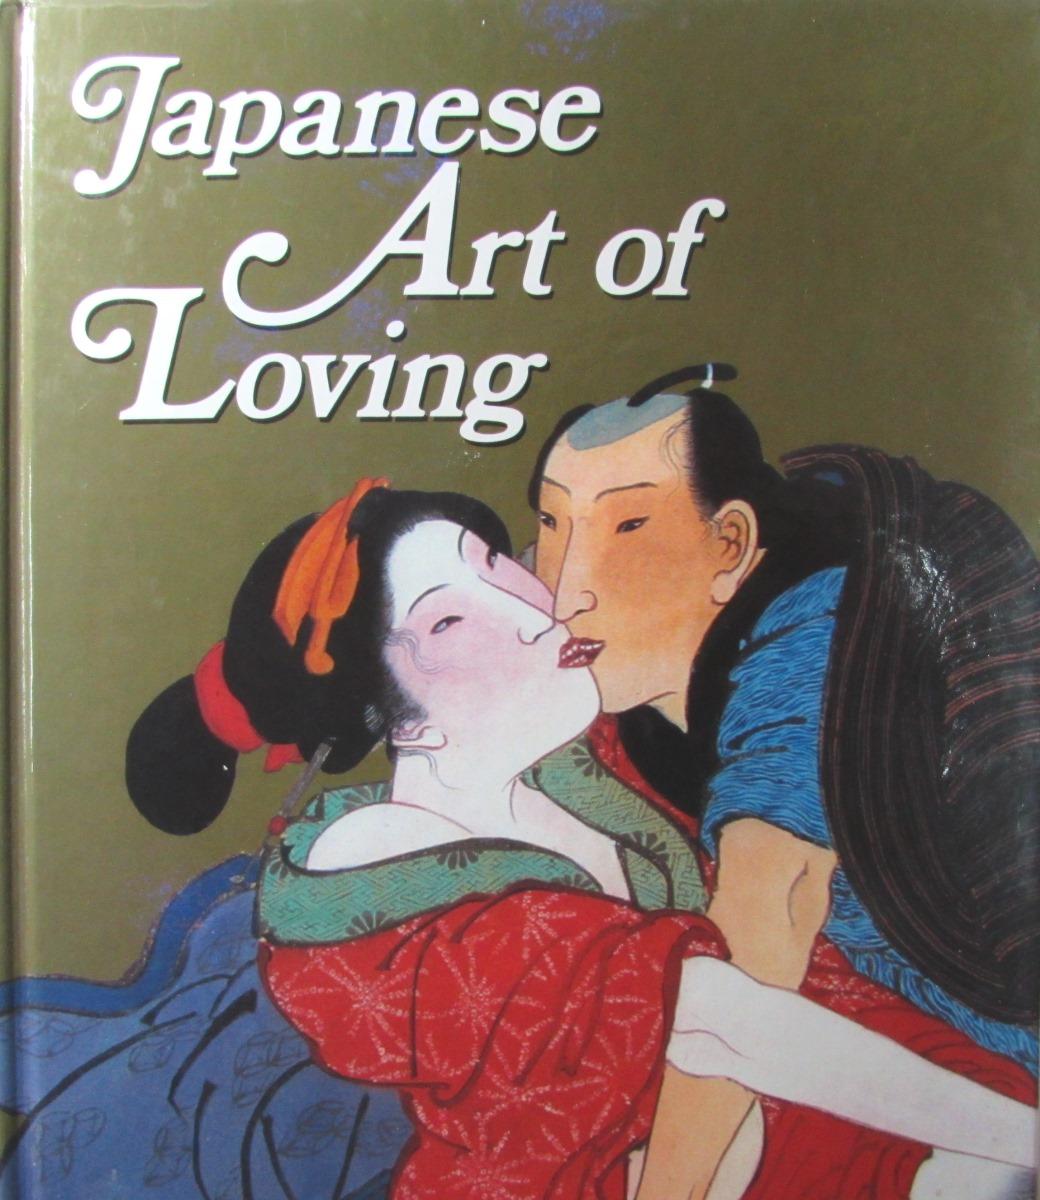 Bernard Soulie Japanese Art of Loving marc de smedt chinese art of loving